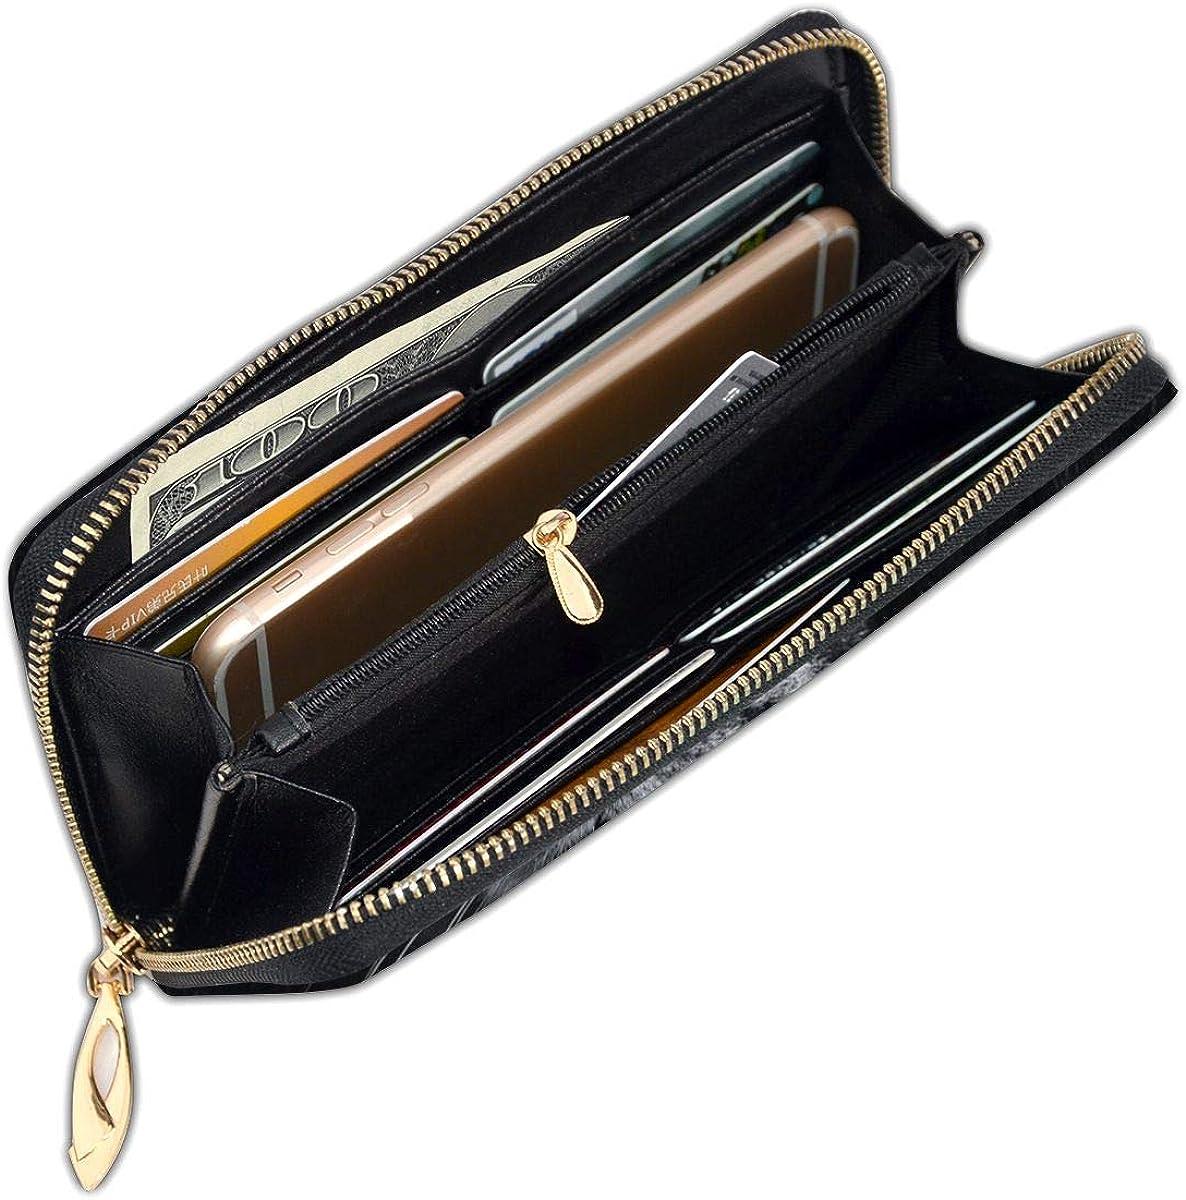 Dark Wind Cat Womens RFID Blocking Zip Around Wallet Genuine Leather Clutch Long Card Holder Organizer Wallets Large Travel Purse